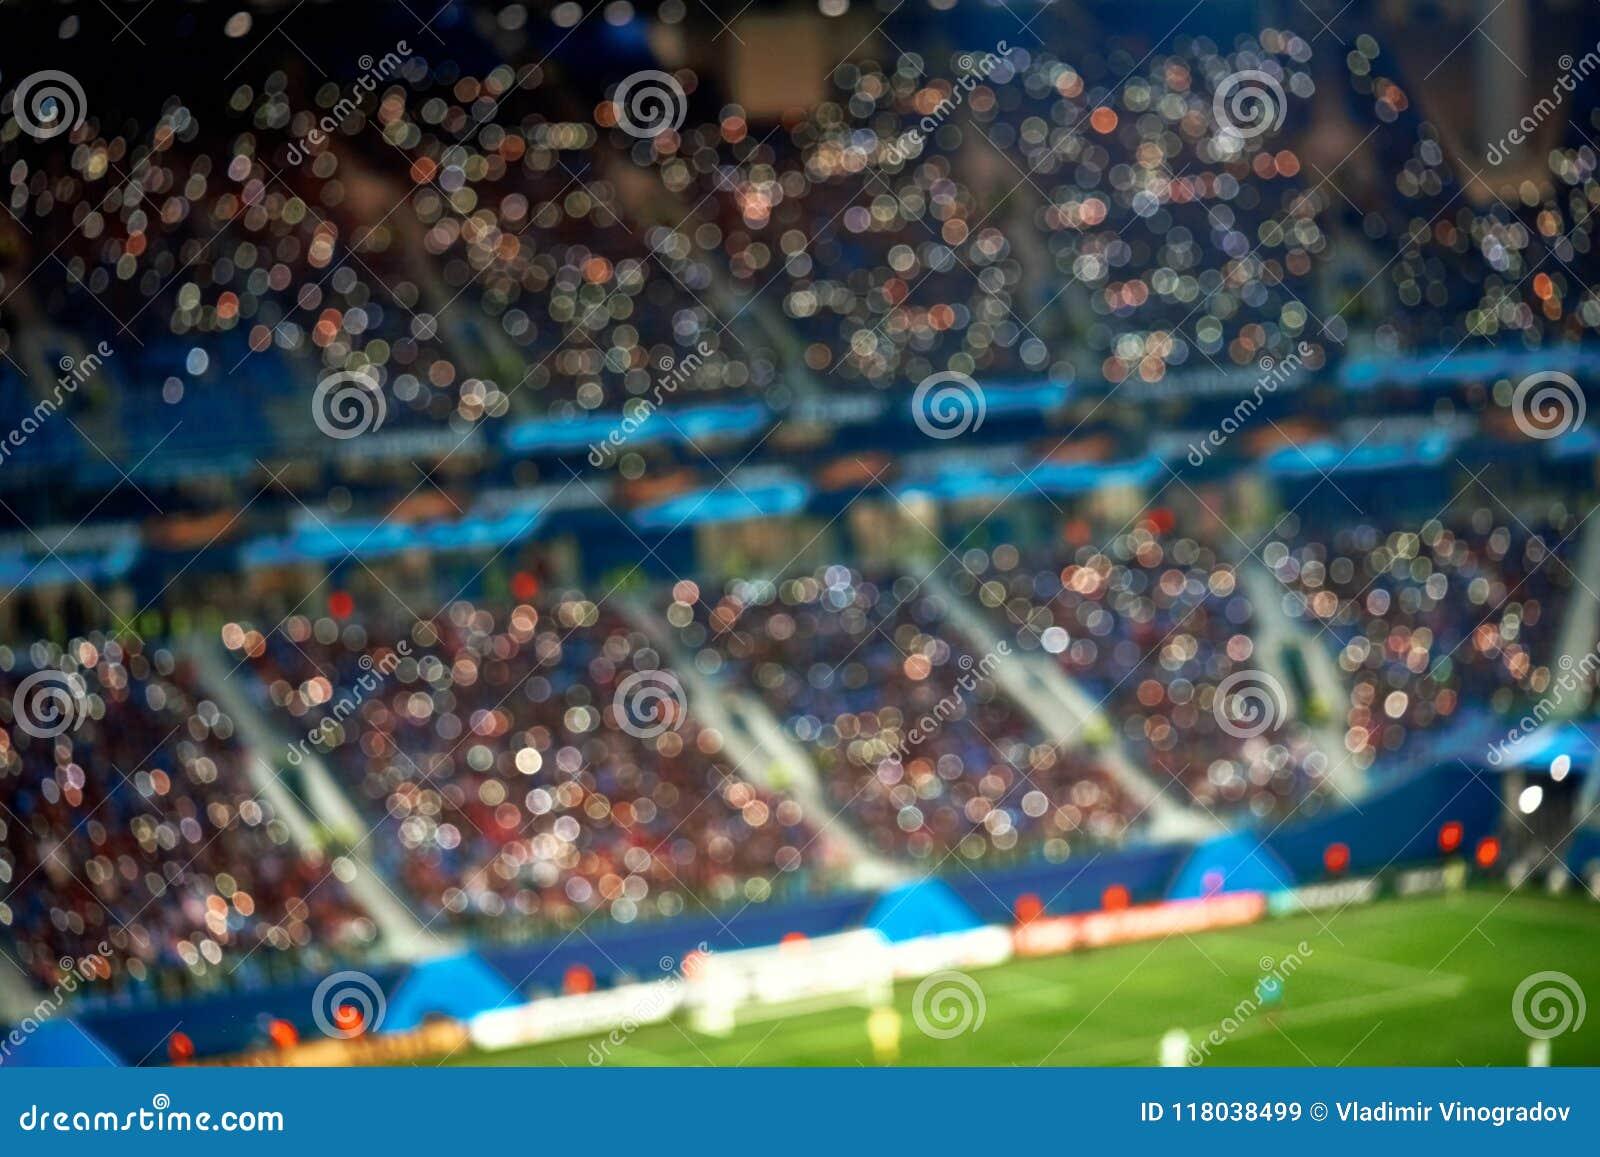 Полные трибуны футбольного стадиона футбола с светами Мягким предпосылка запачканная фокусом